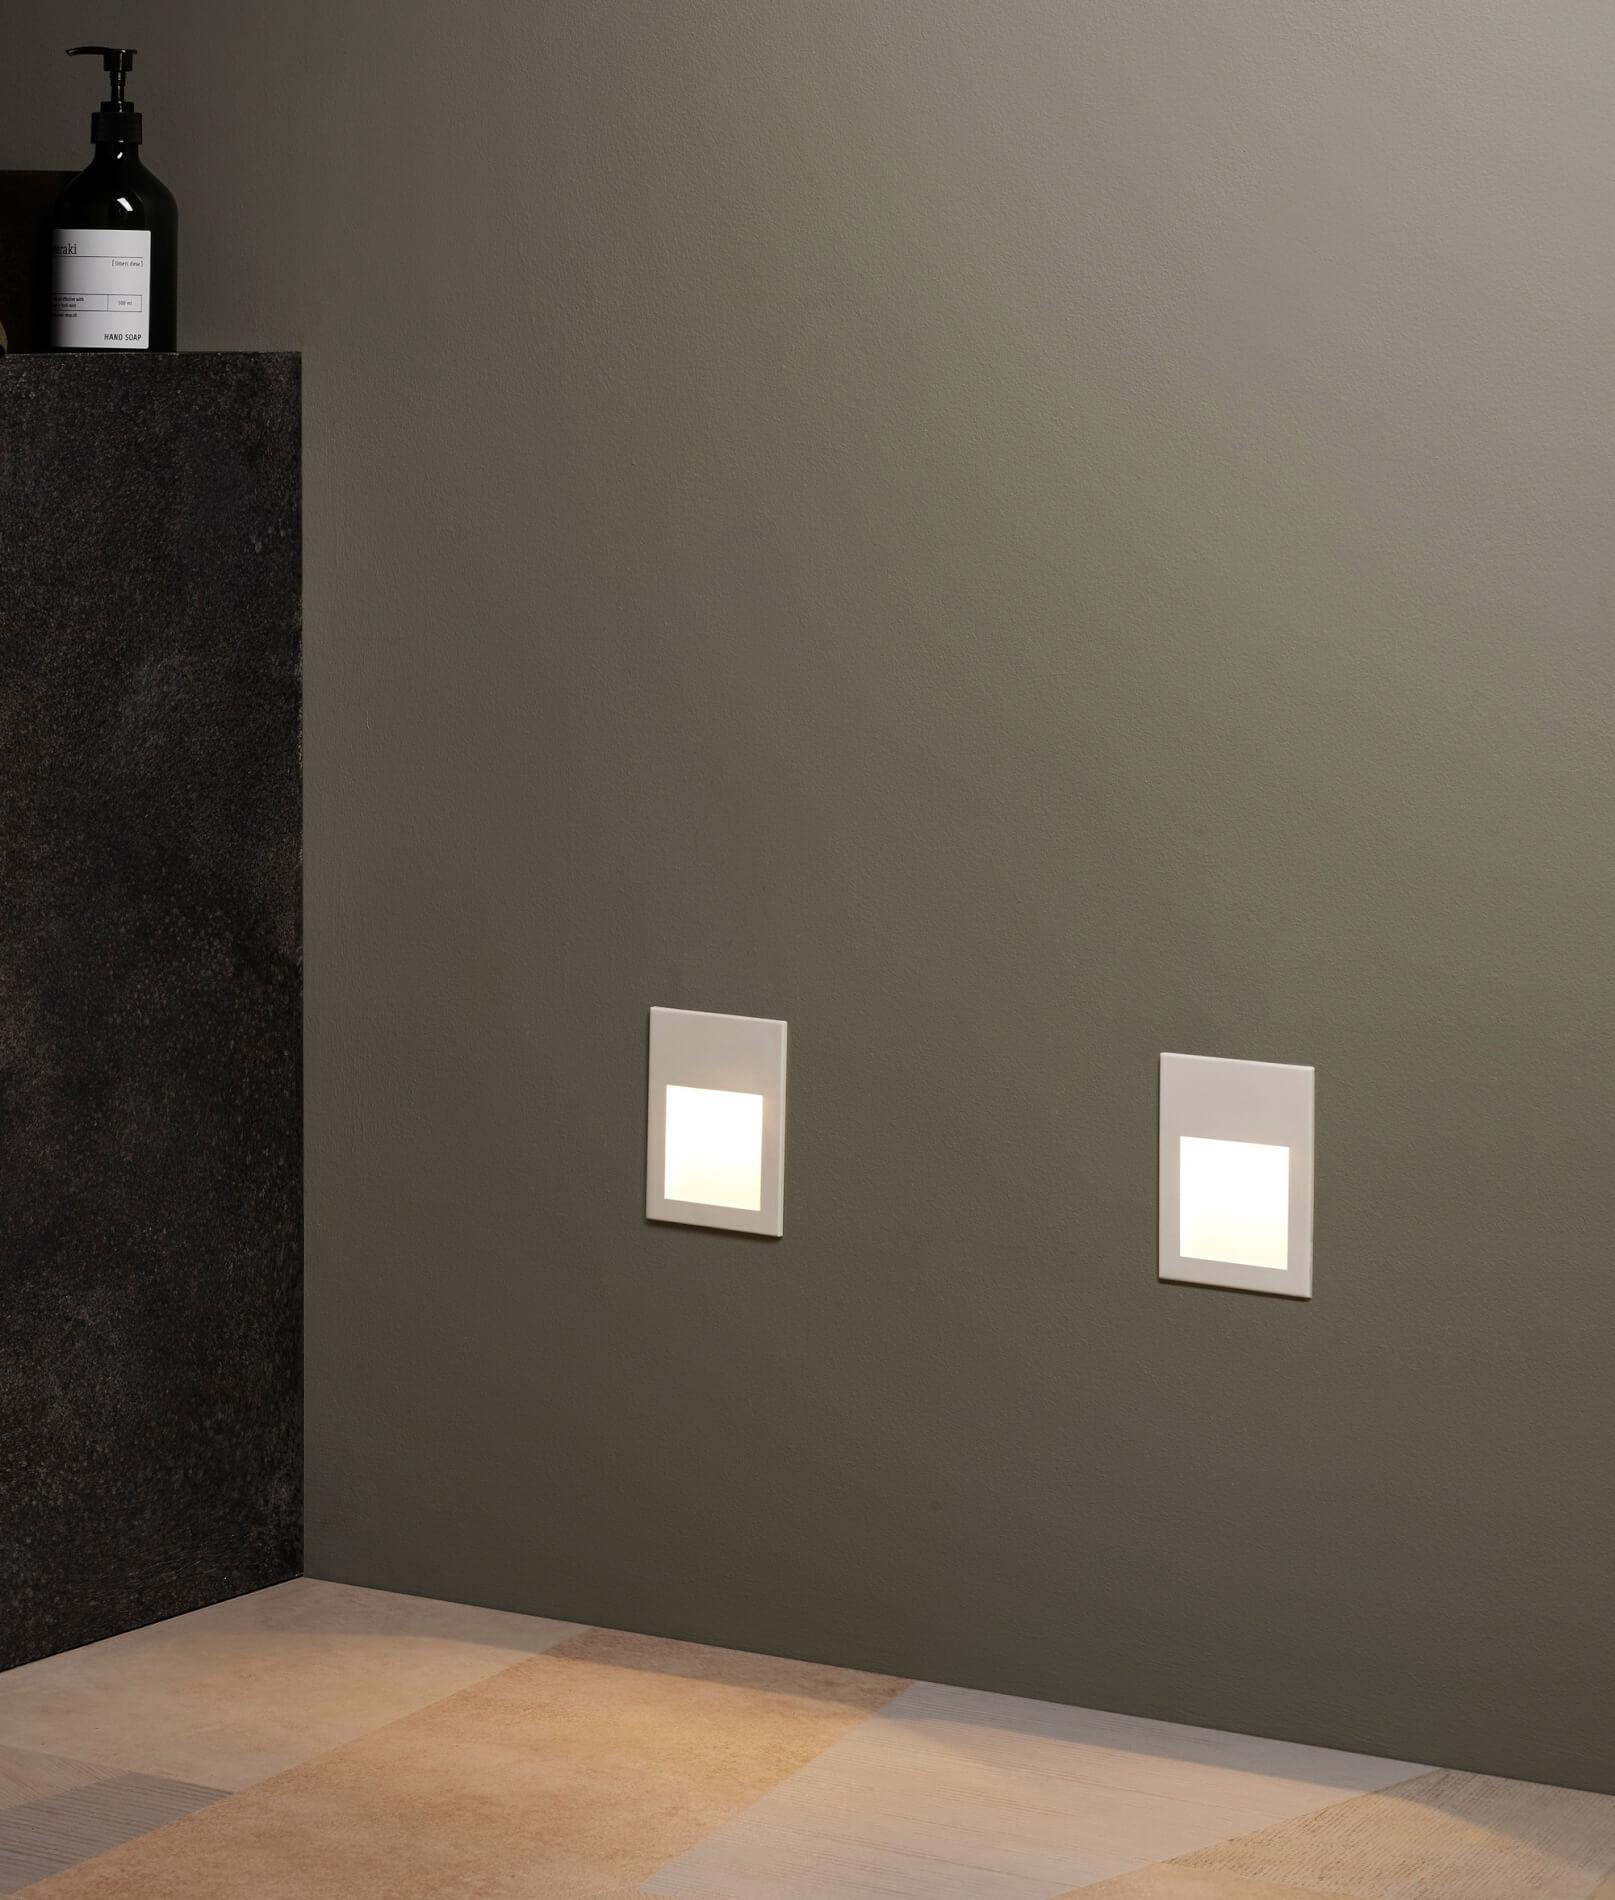 Conservatory Lighting Ideas - Recessed Wall Lighting